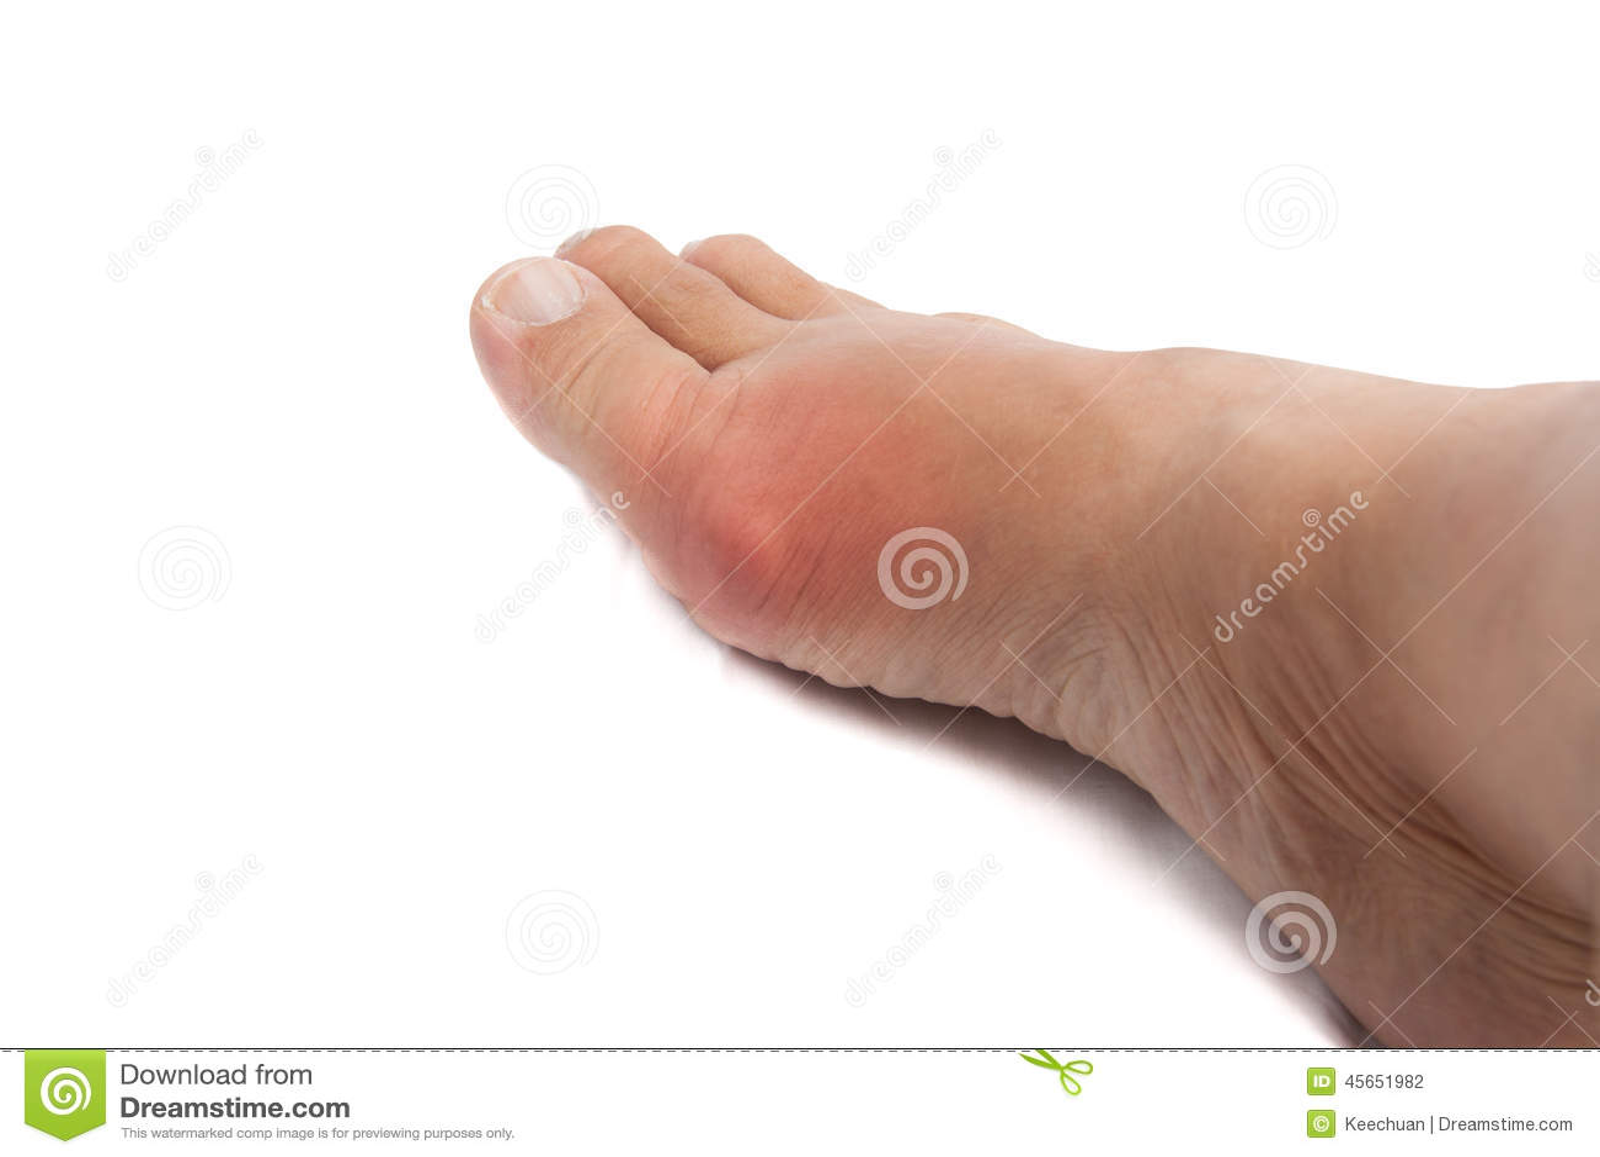 que hacer para controlar el acido urico remedios caseros para el acido urico en las manos como regular el acido urico naturalmente